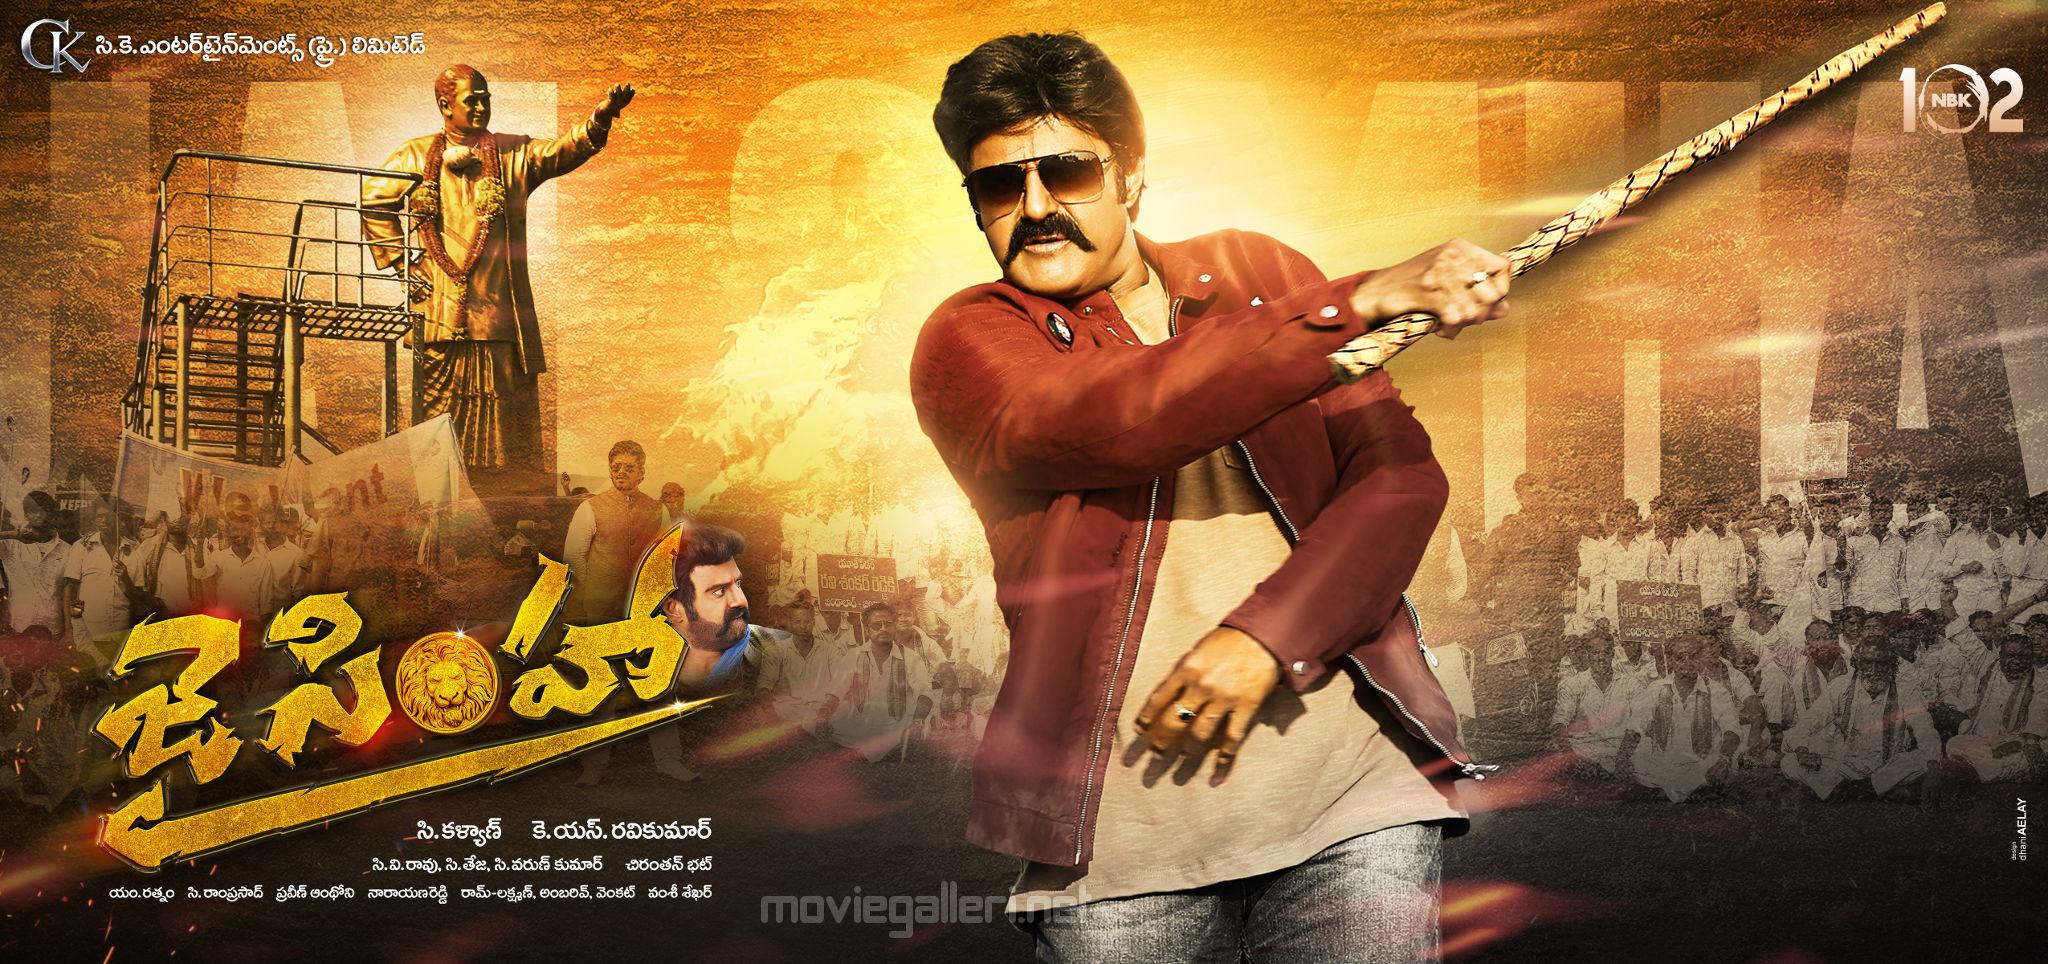 Nandamuri Balakrishna NBK102 Jai Simha movie first look wallpaper